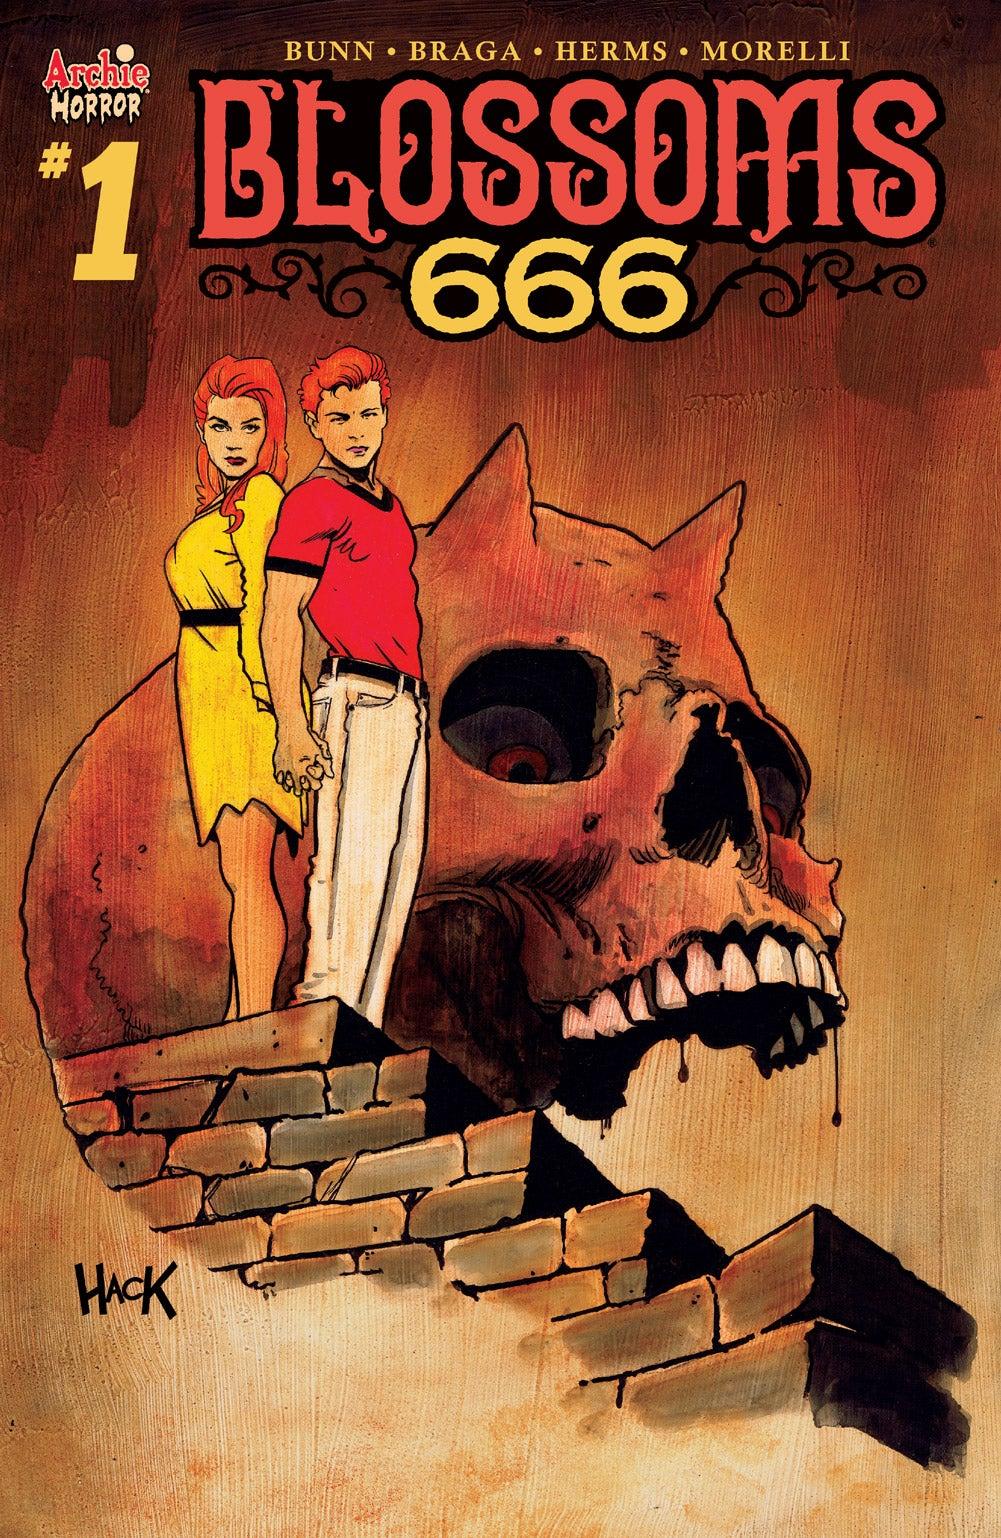 Image: Robert Hack, Archie Comics